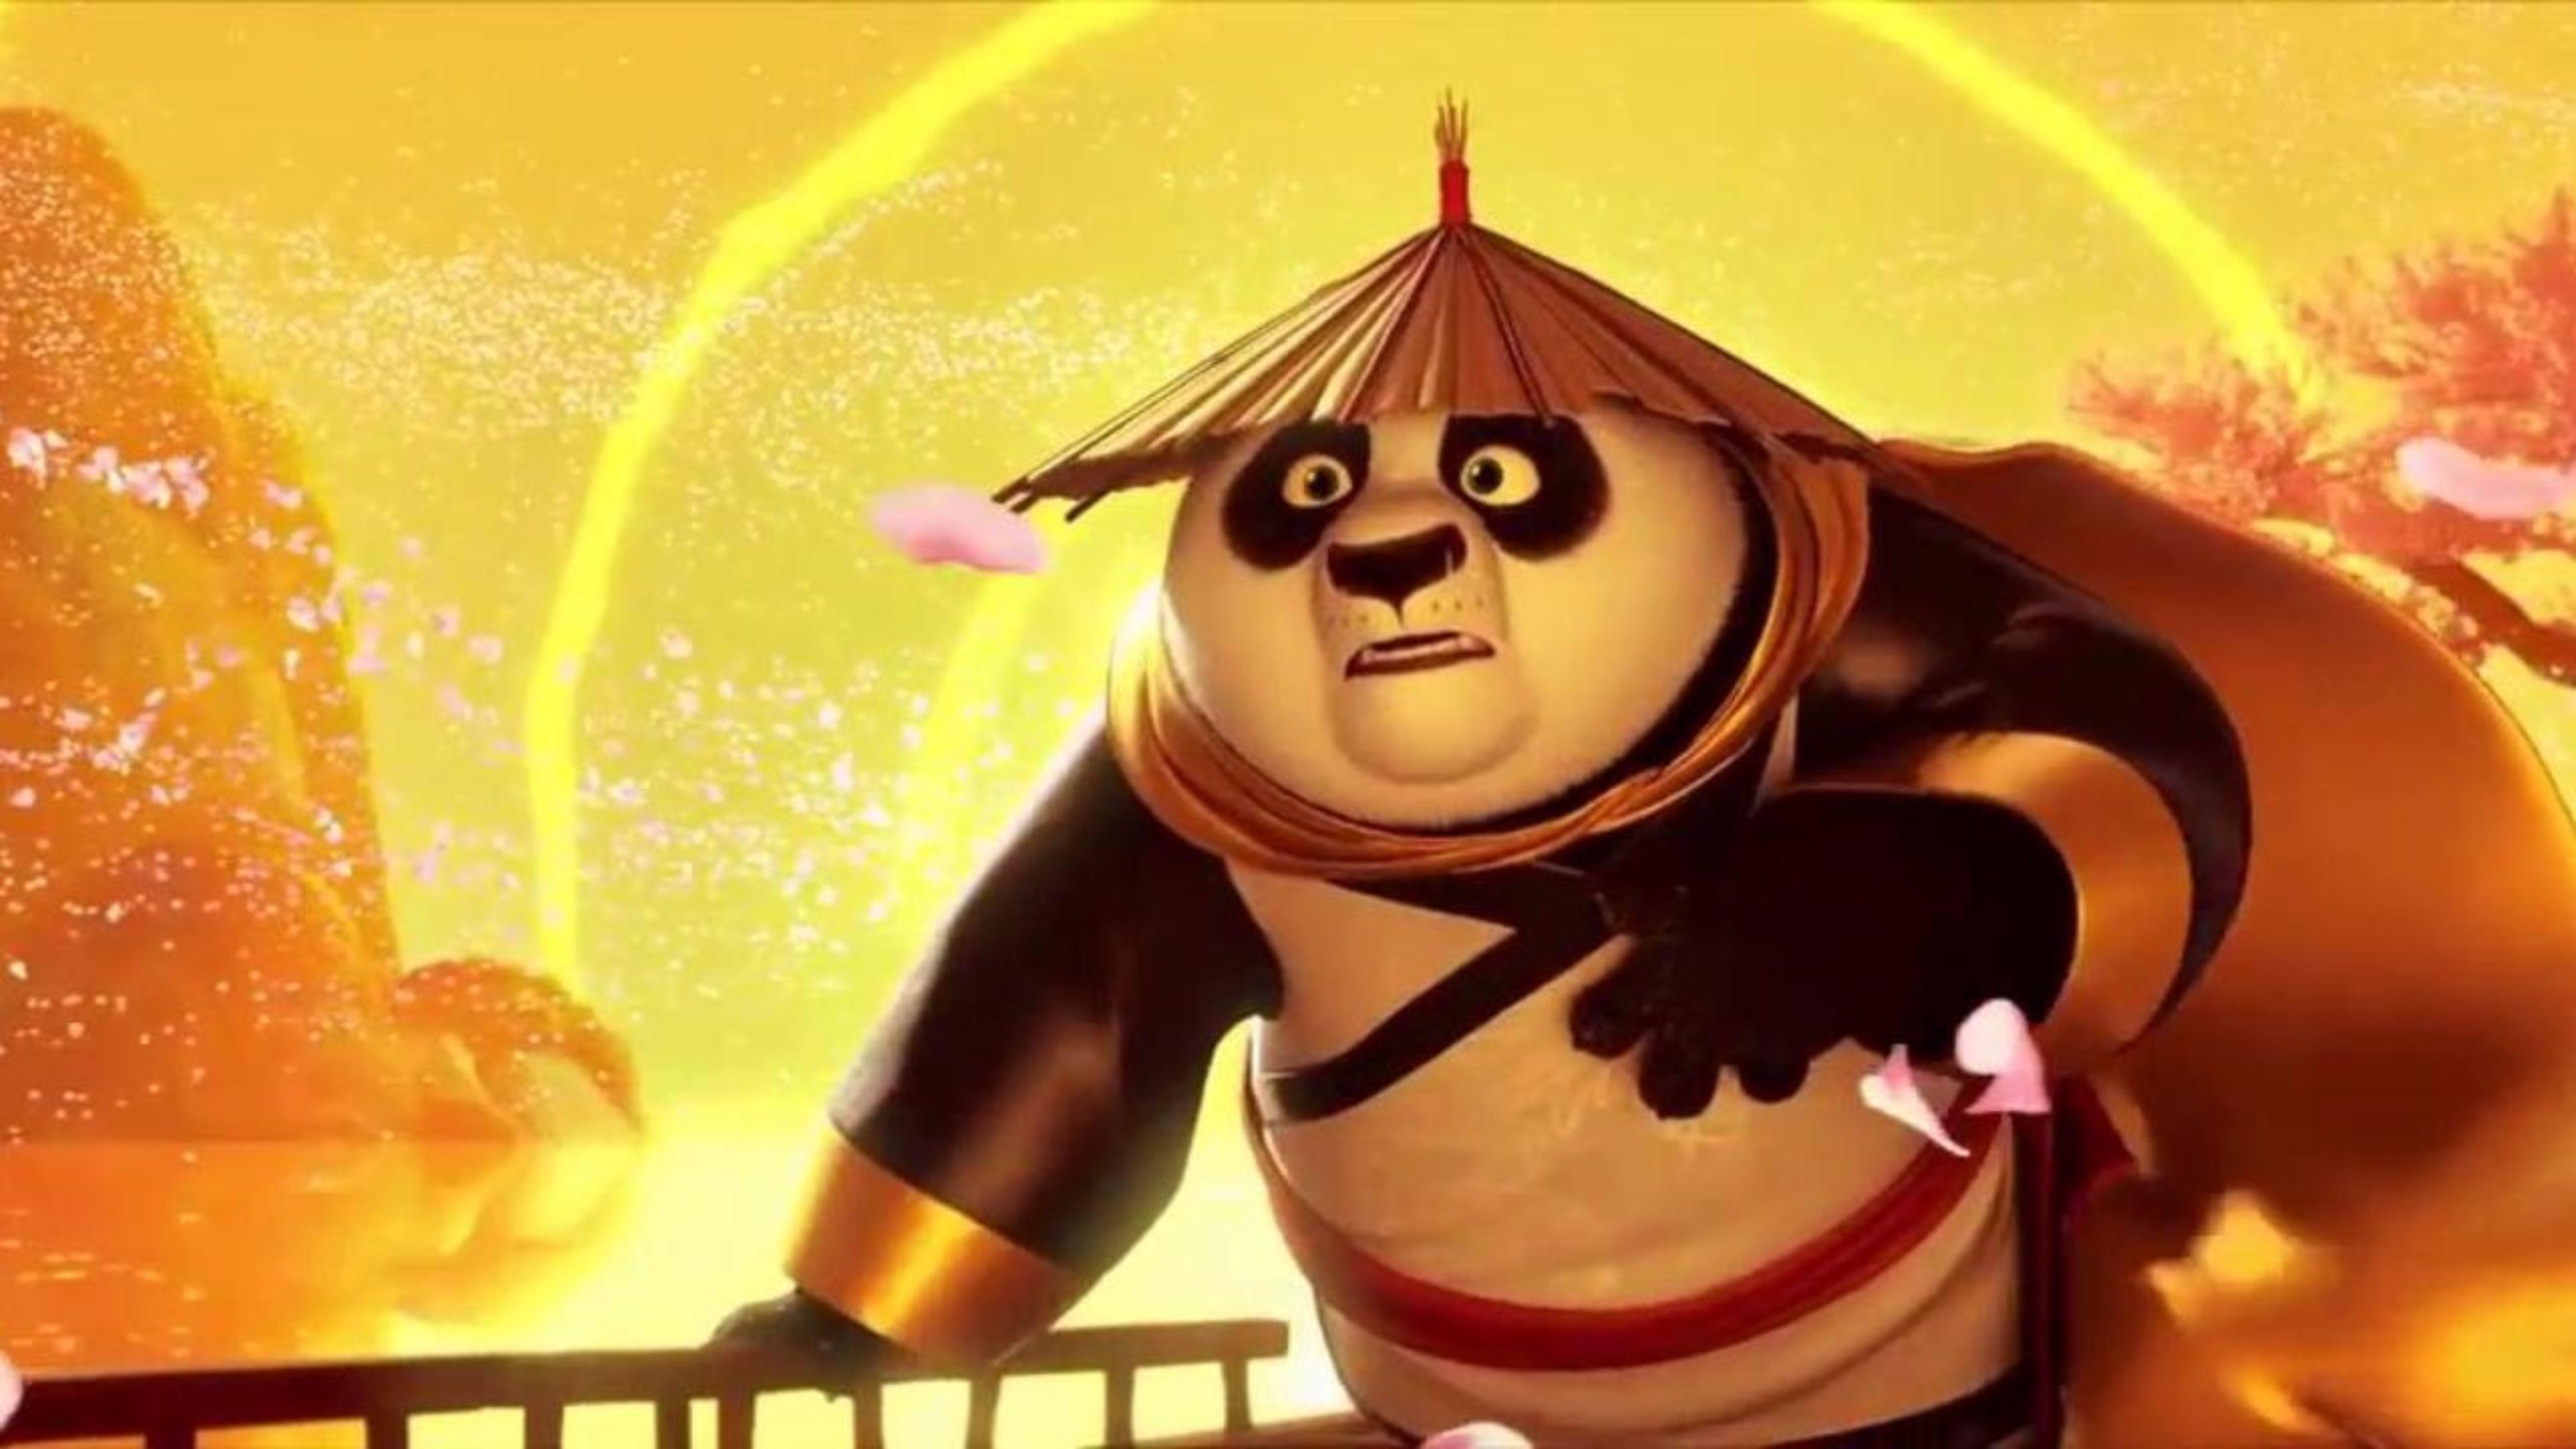 kung fu panda 3 movie free download